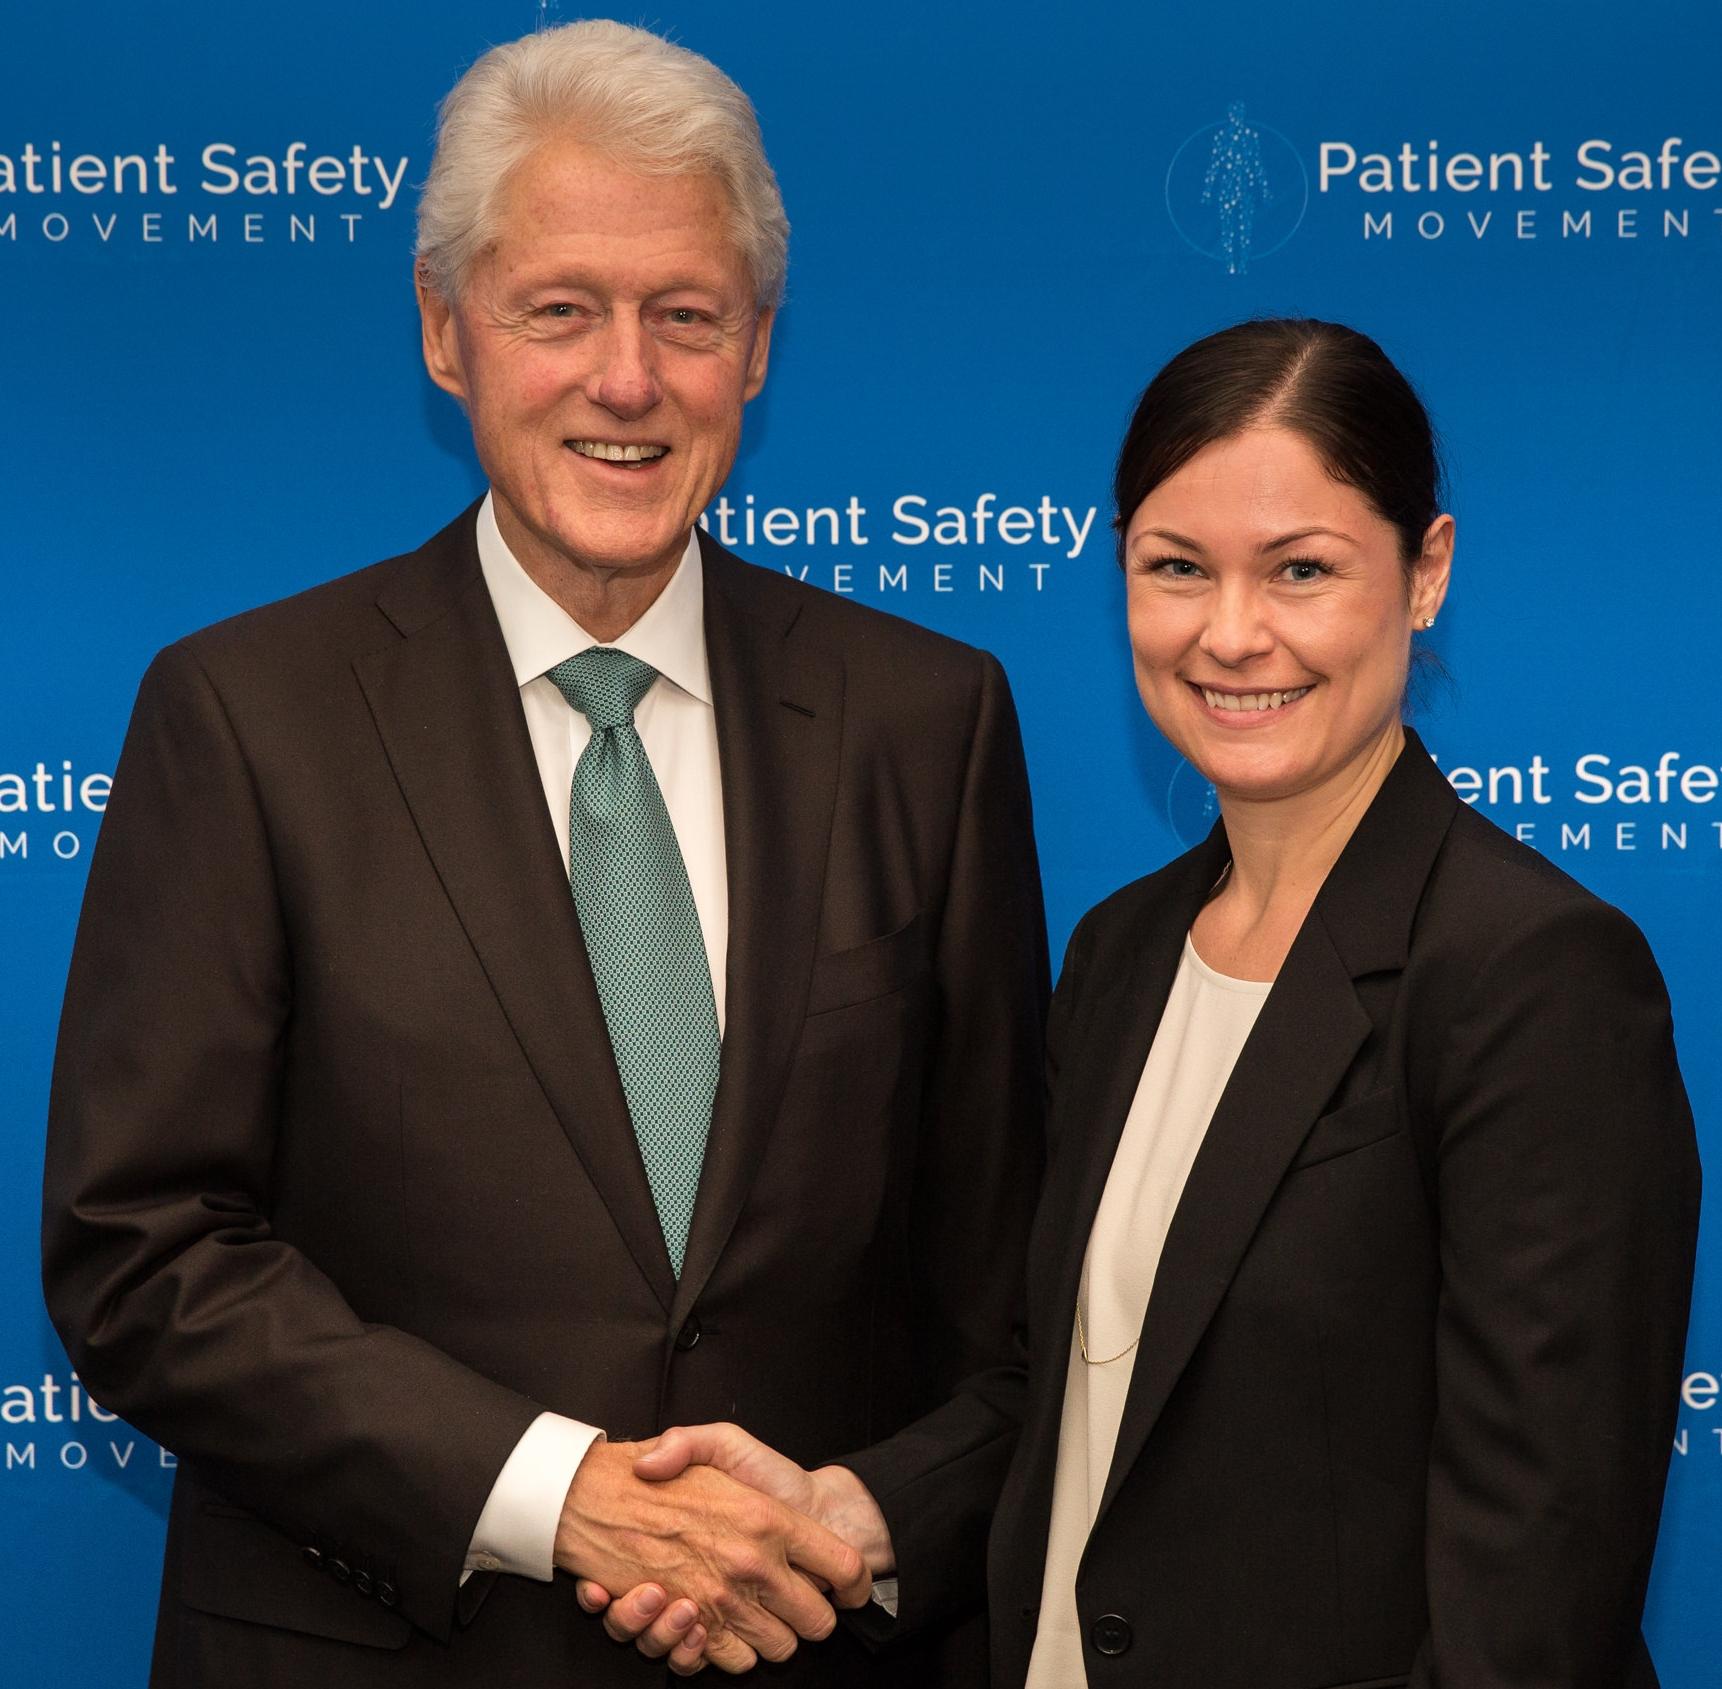 Kristen Terlizzi Bill Clinton.jpg